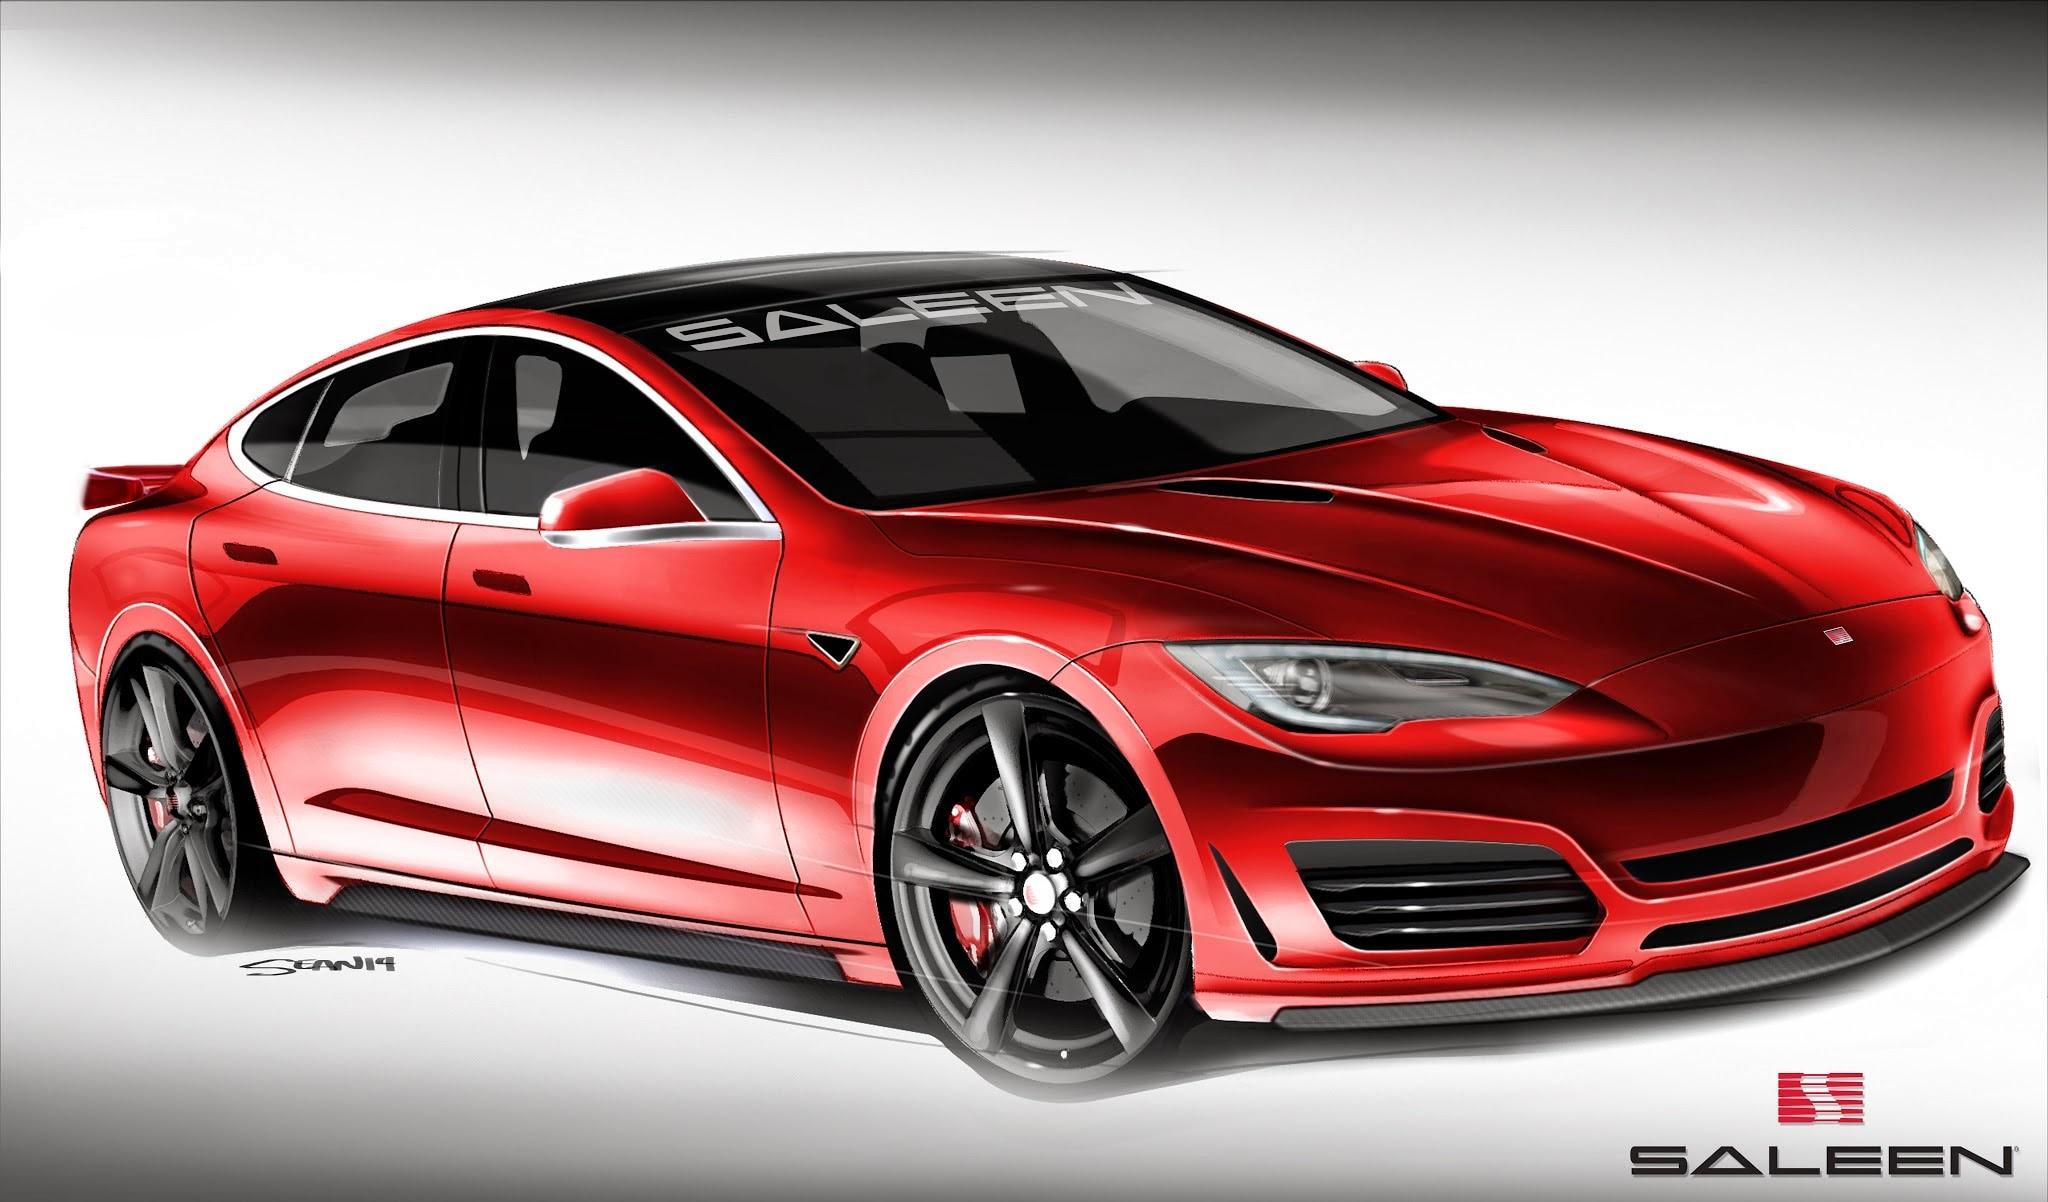 Saleen Tesla Model S Rendering Front1